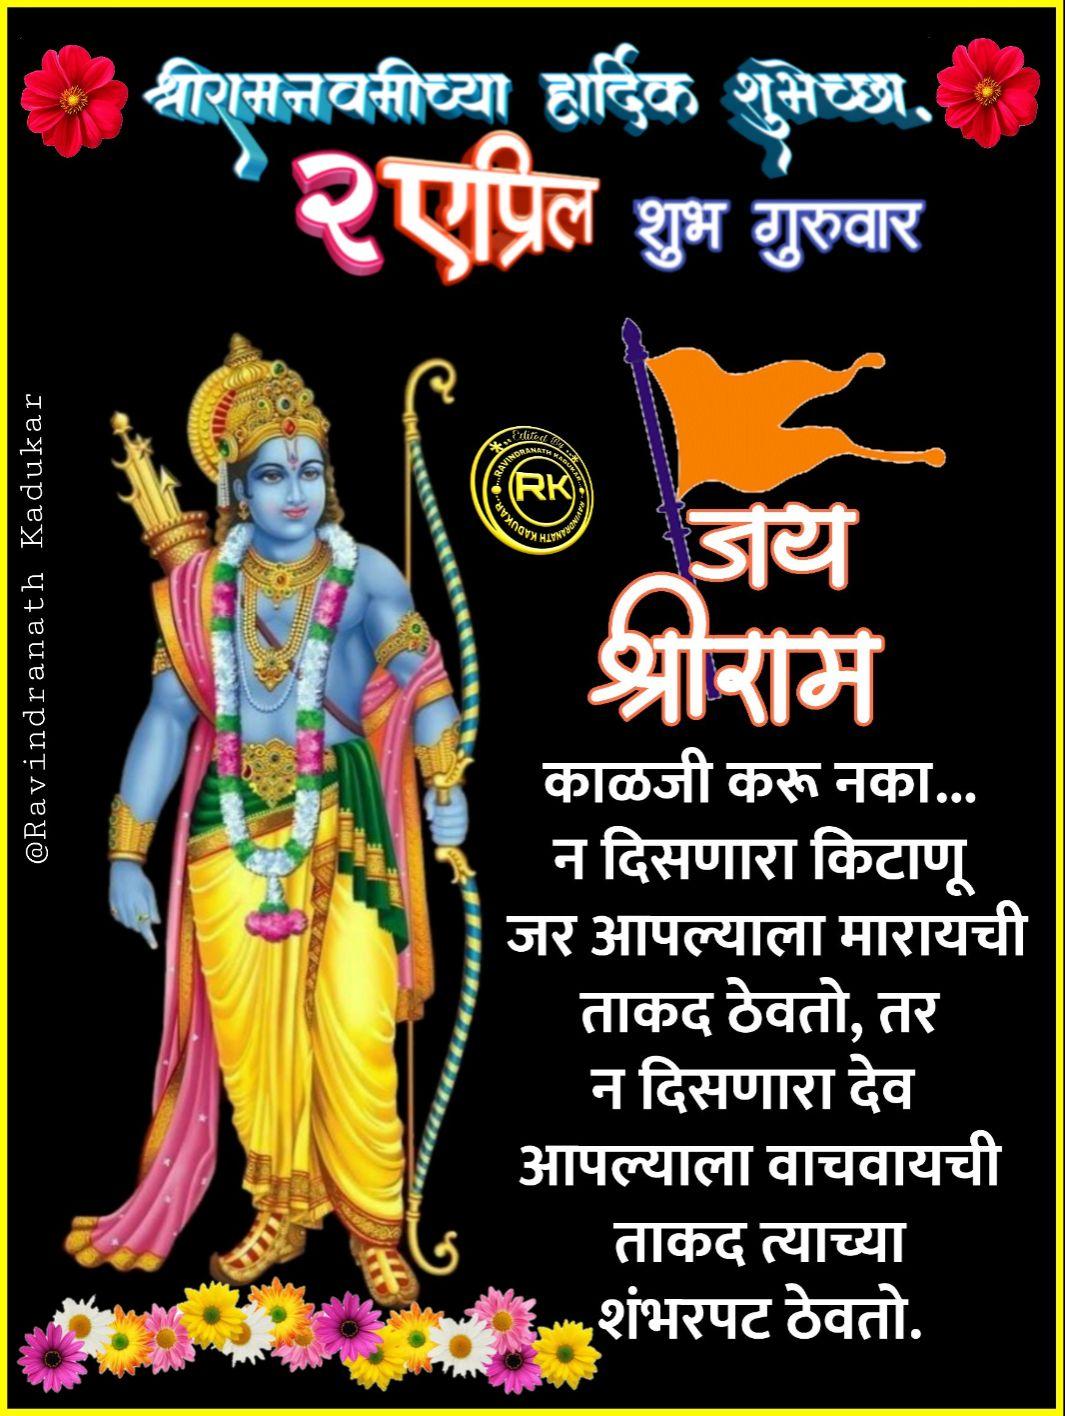 🙏श्री राम नवमी शुभेच्छा - श्रीरामनवमीच्या हार्दिक शुभेच्छा . २एप्रिल शुभ गुरुवार Sie ORANA Angvy HINTYO @ Ravindranath Kadukar जय श्रीराम काळजी करू नका . . . न दिसणारा किटाणू जर आपल्याला मारायची ताकद ठेवतो , तर न दिसणारा देव आपल्याला वाचवायची ताकद त्याच्या शंभरपट ठेवतो . - ShareChat